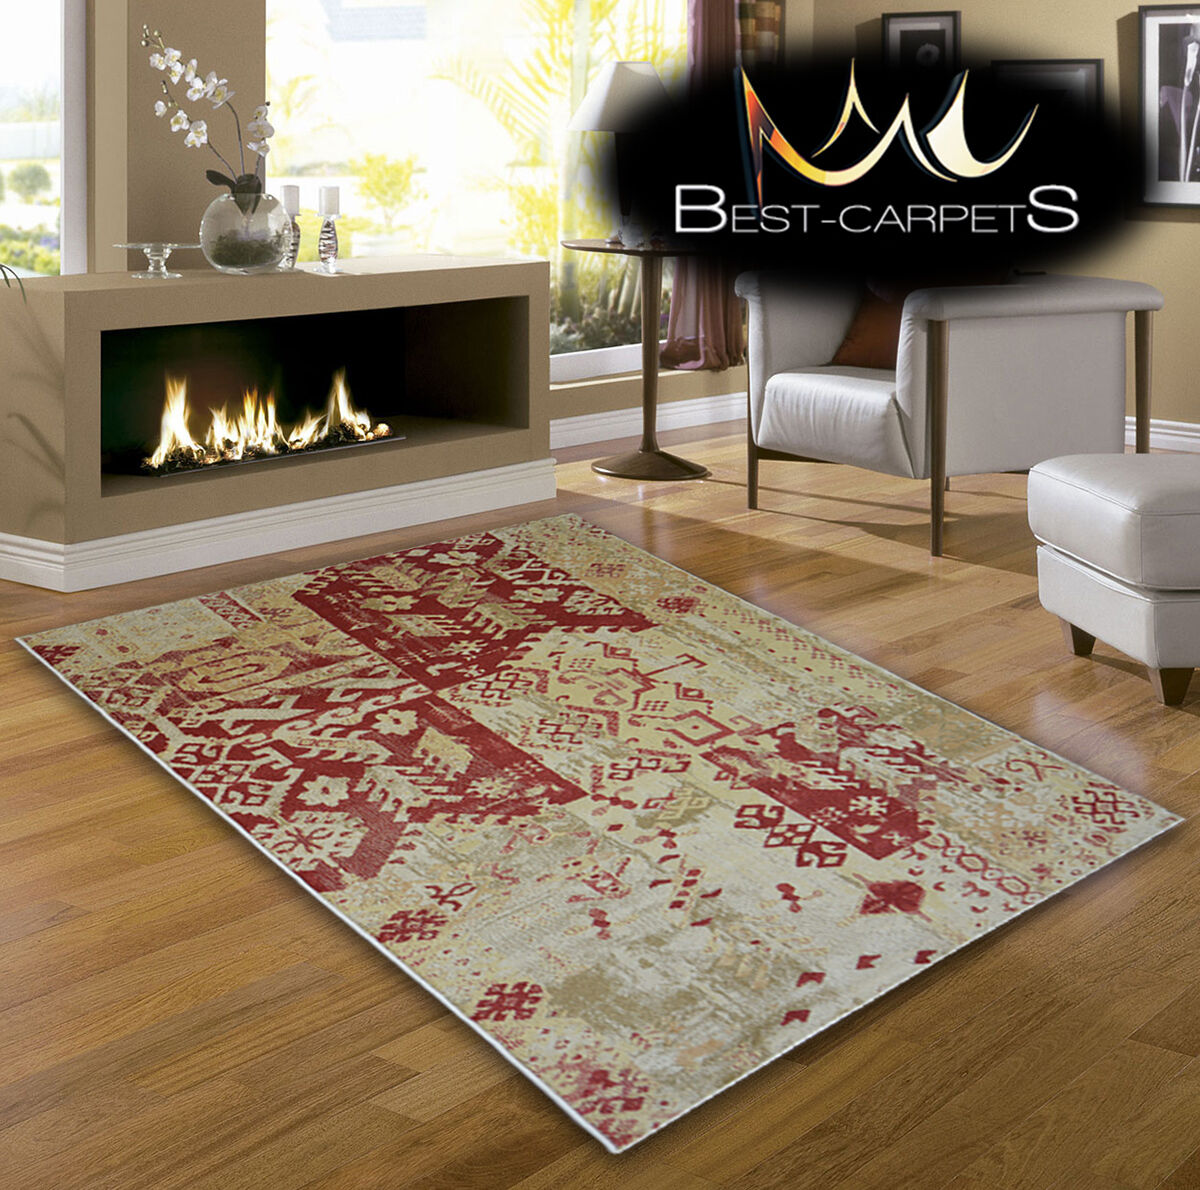 Petit extra large large large épais tapis ziegler traditionnel style classique doux dense pile | Au Premier Rang Parmi Les Produits Similaires  2c5c8b